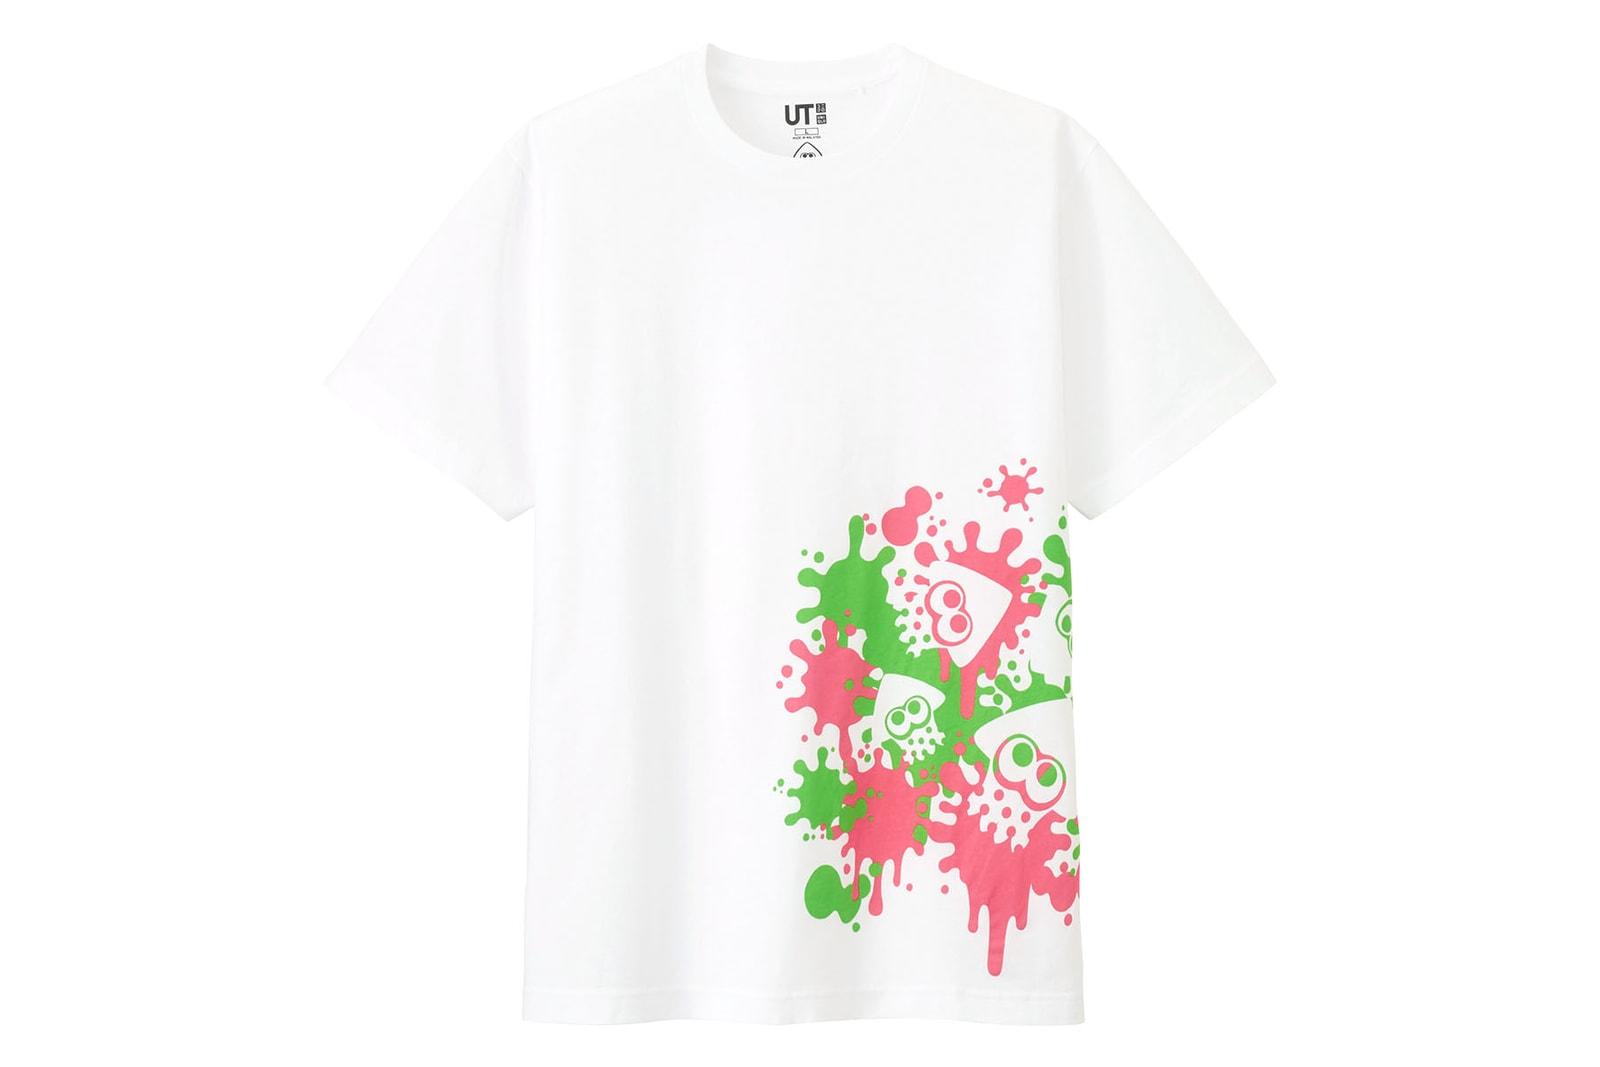 HYPEBEAST 嚴選 UNIQLO UT 2019 春夏系列